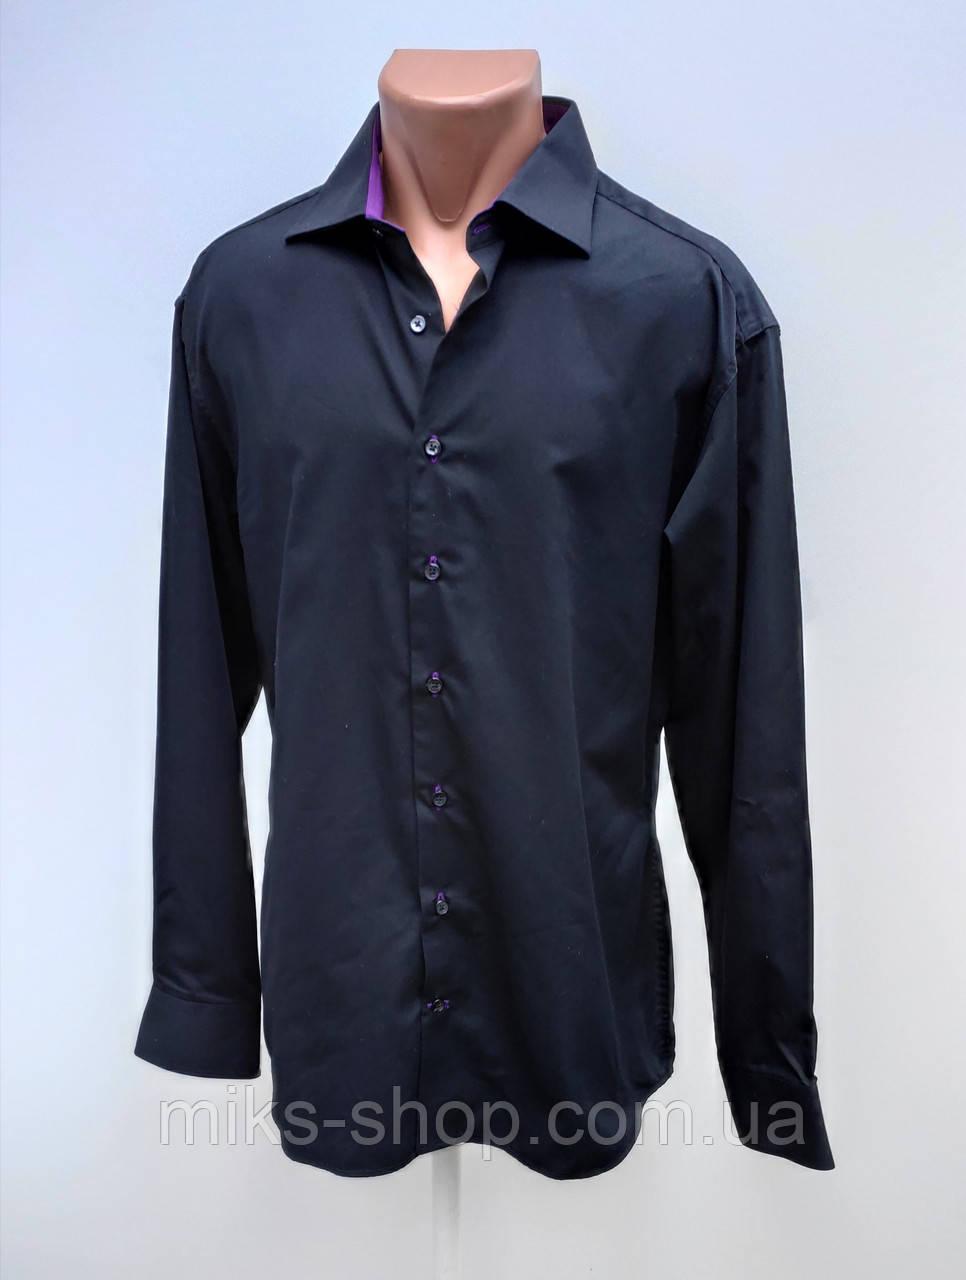 Чоловіча сорочка Розмір М ( Я-187)